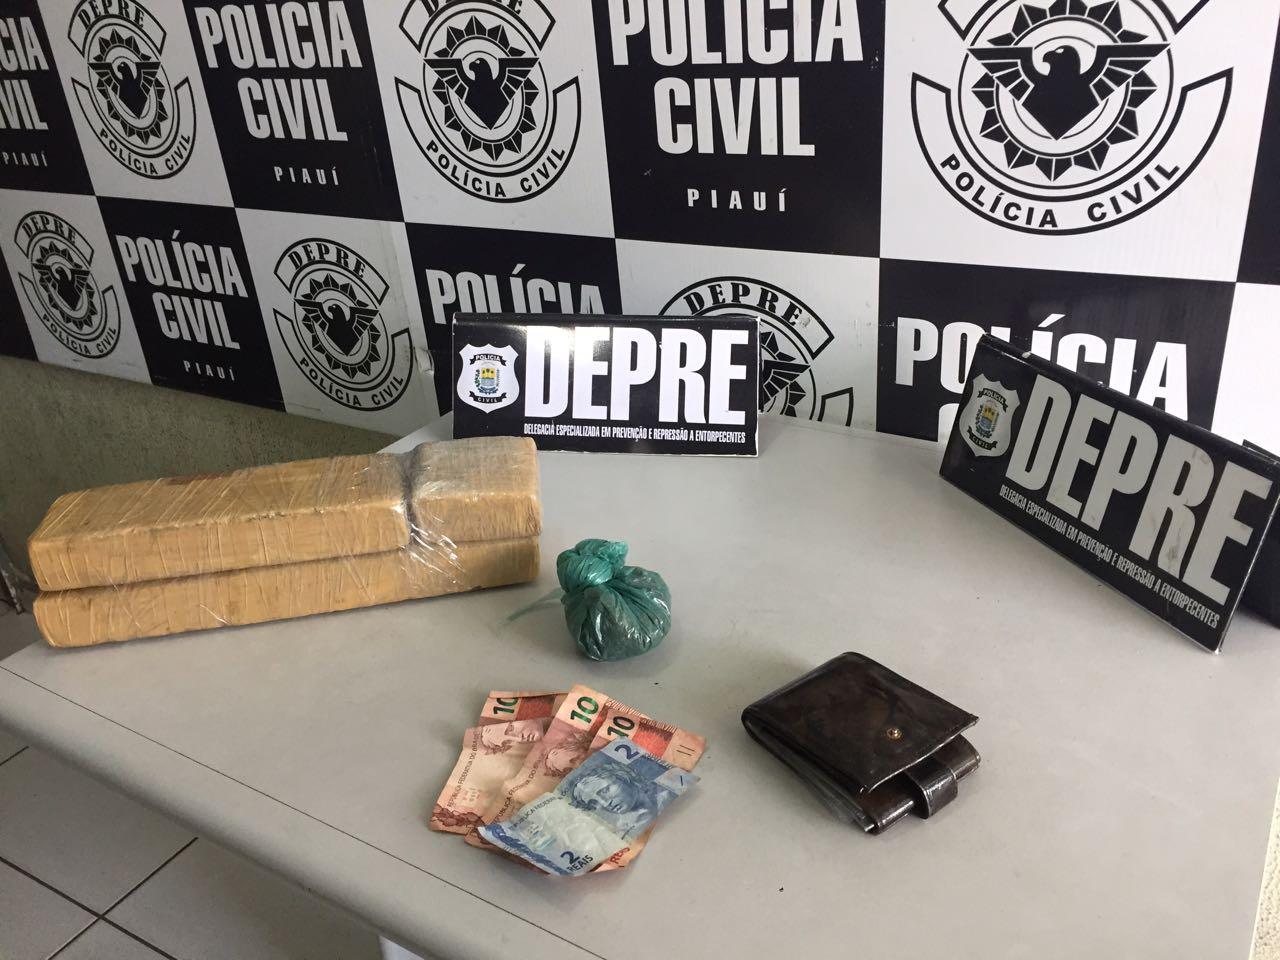 DEPRE prende bandidos e apreende 3 kg de drogas em Teresina